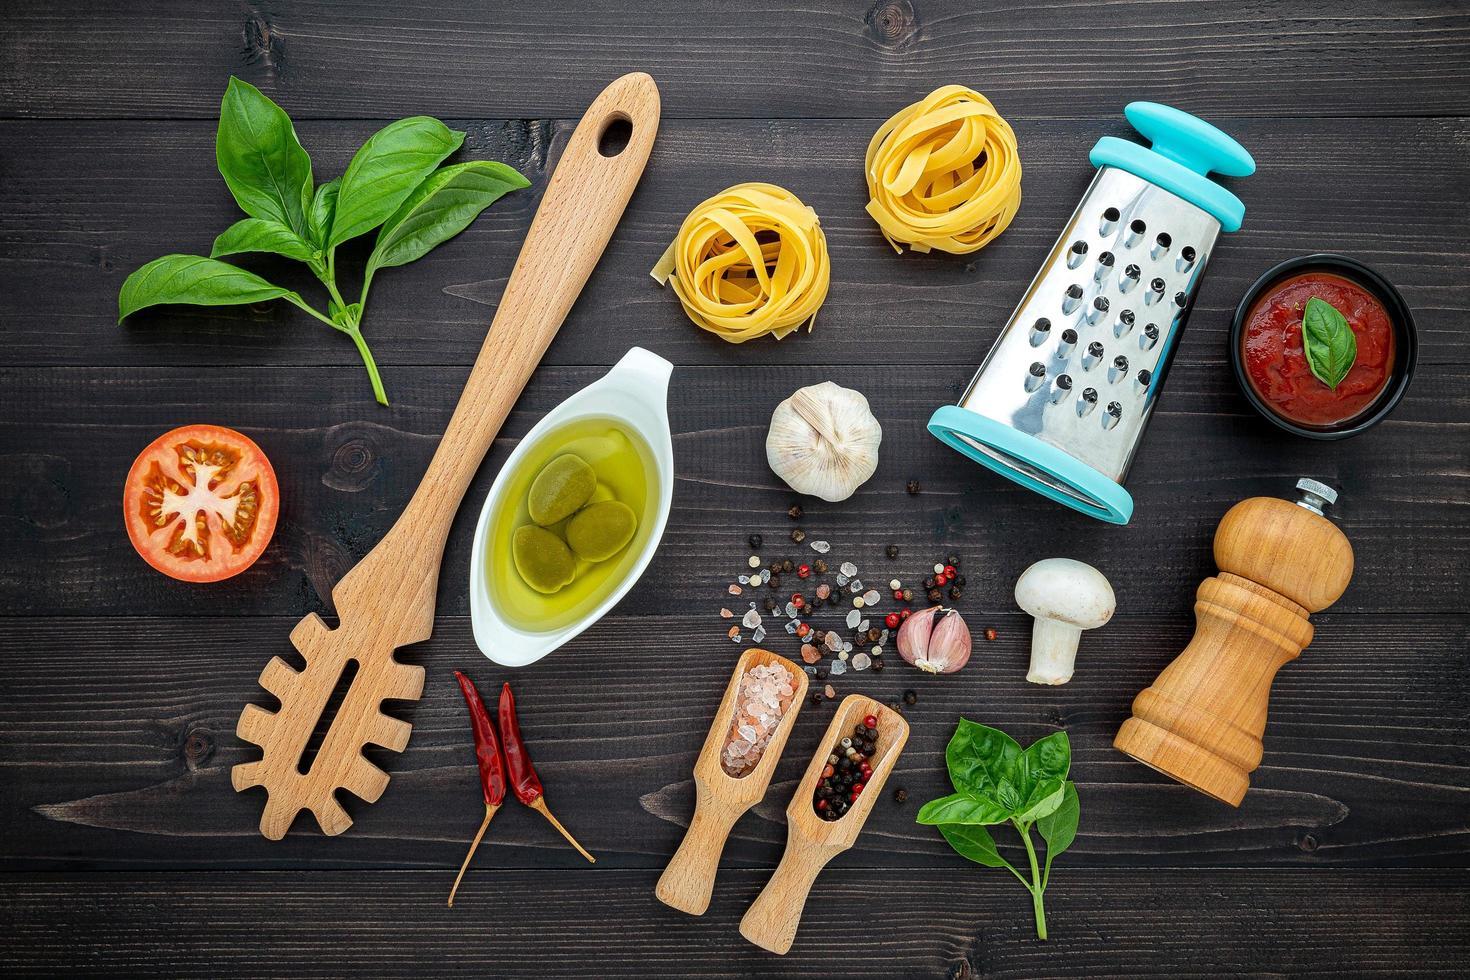 plat leggen van spaghetti-ingrediënten op donker hout foto